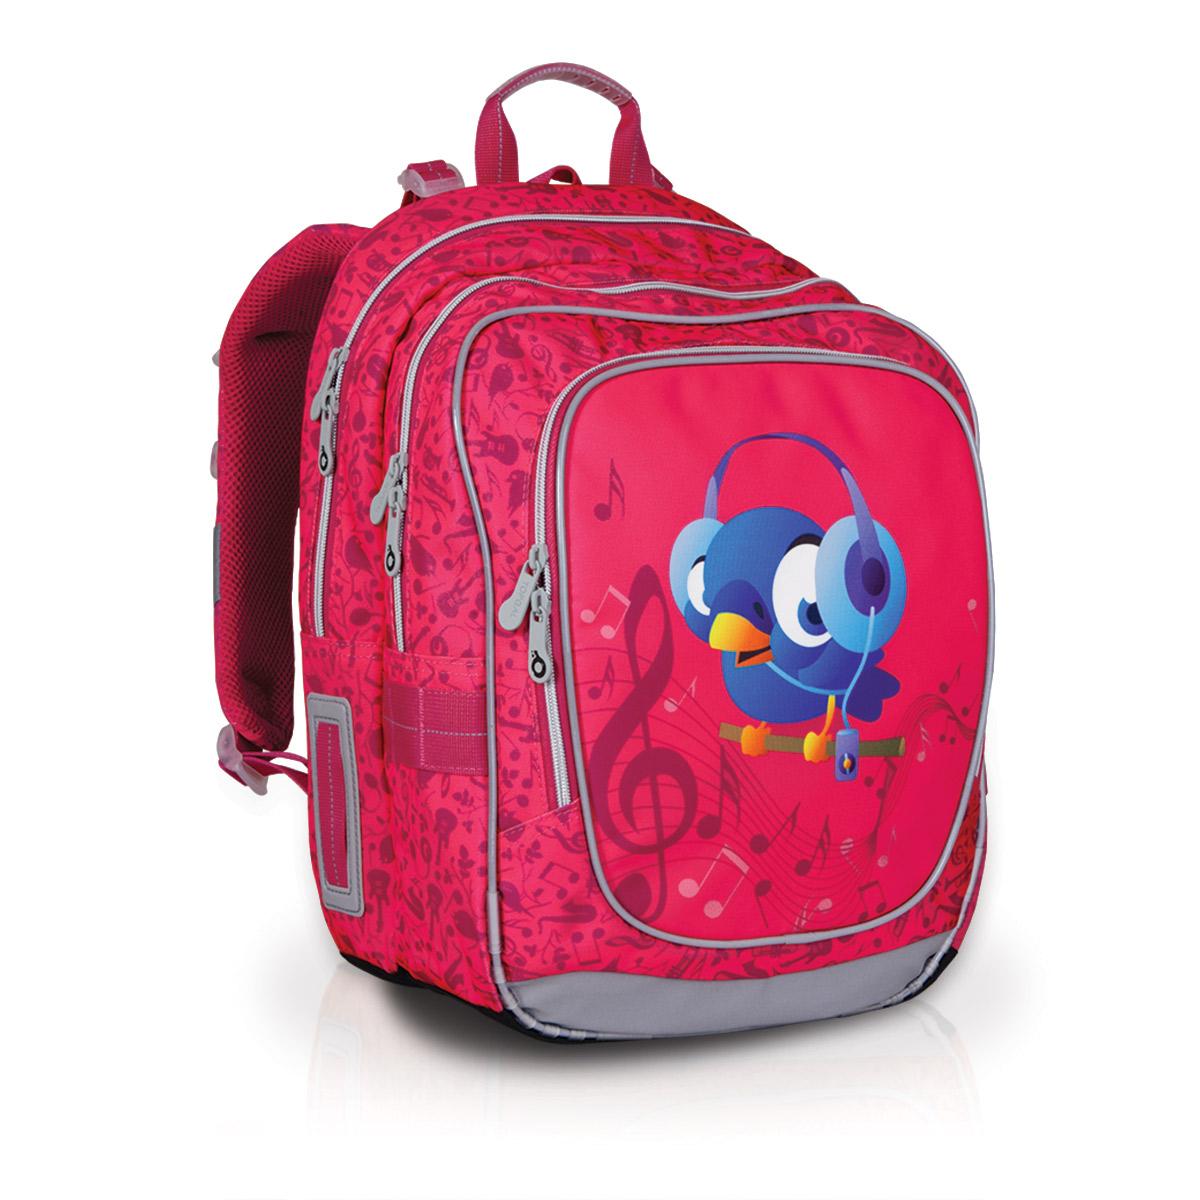 Topgal školní batoh CHI 739